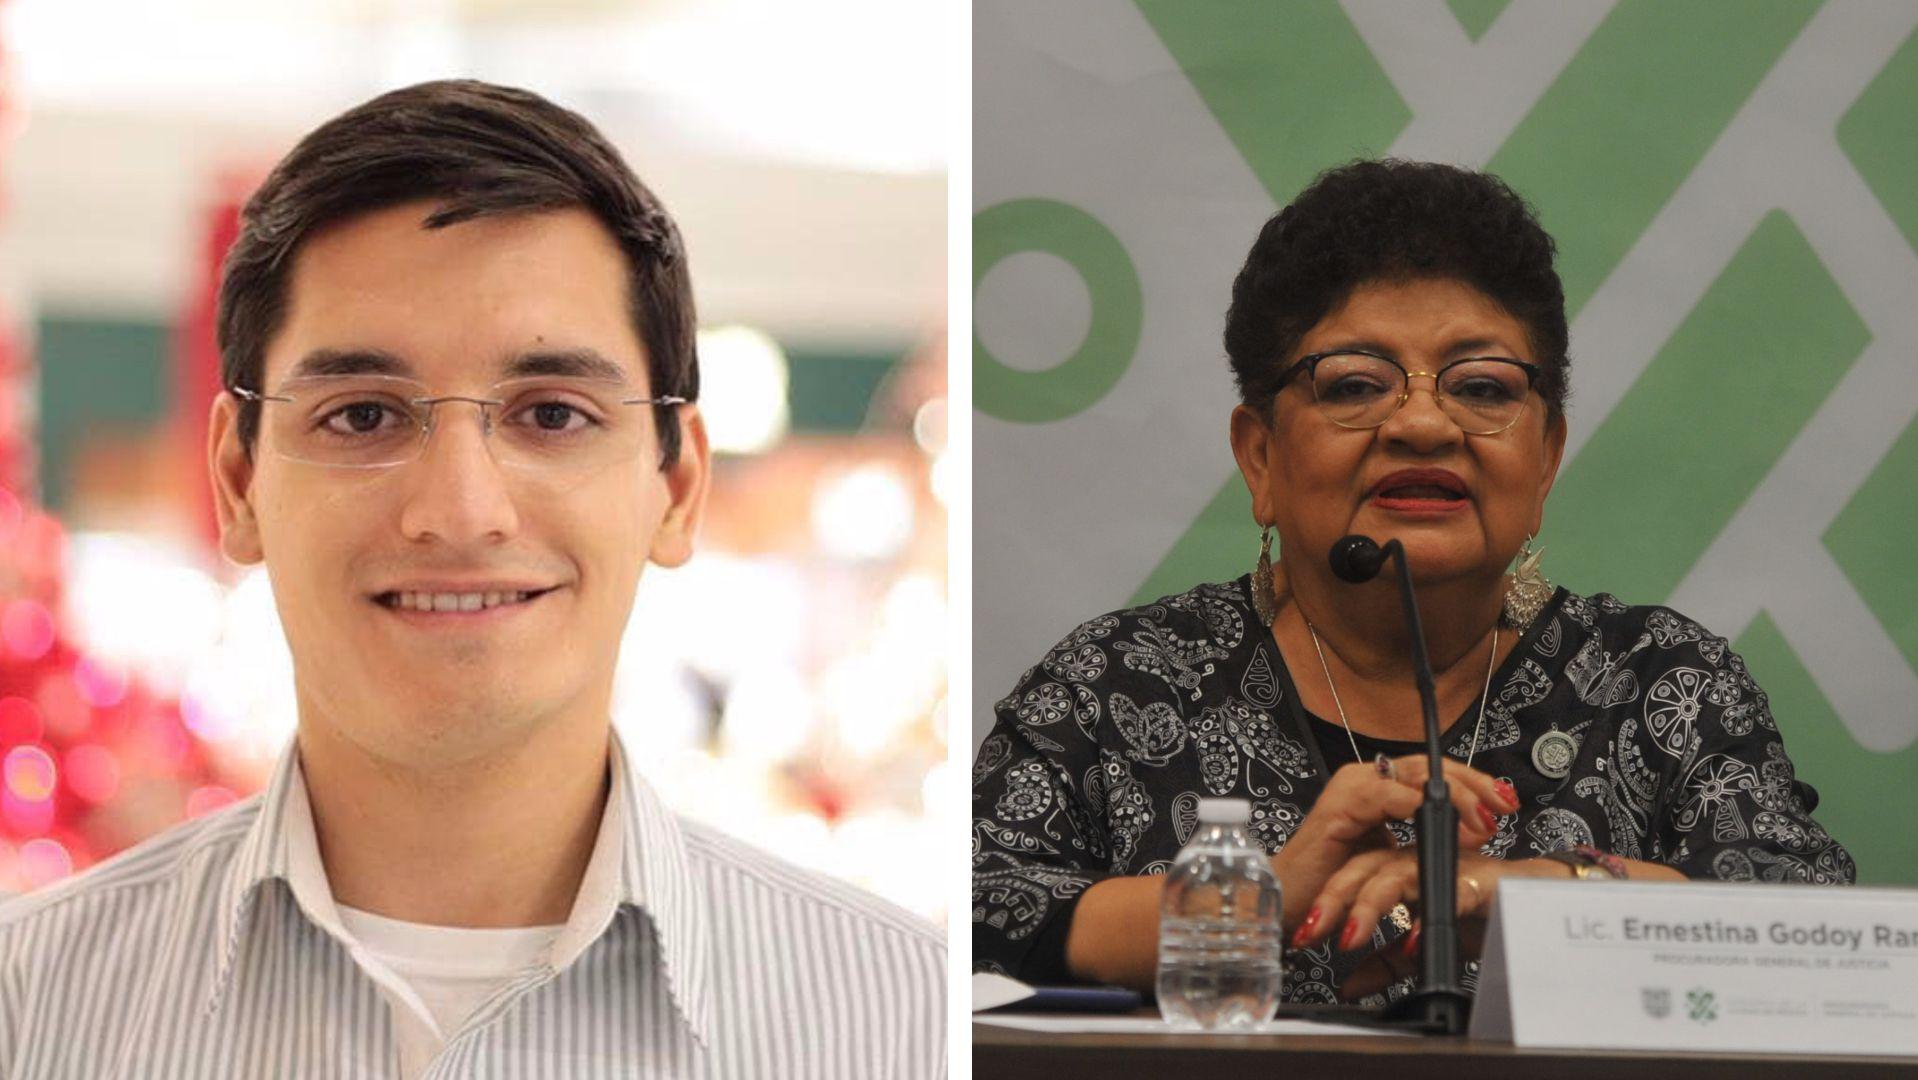 Godoy descartó que haya habido secuestro en el caso de Leonardo Avendaño (Foto: Cusrtoscuro/ Especial)